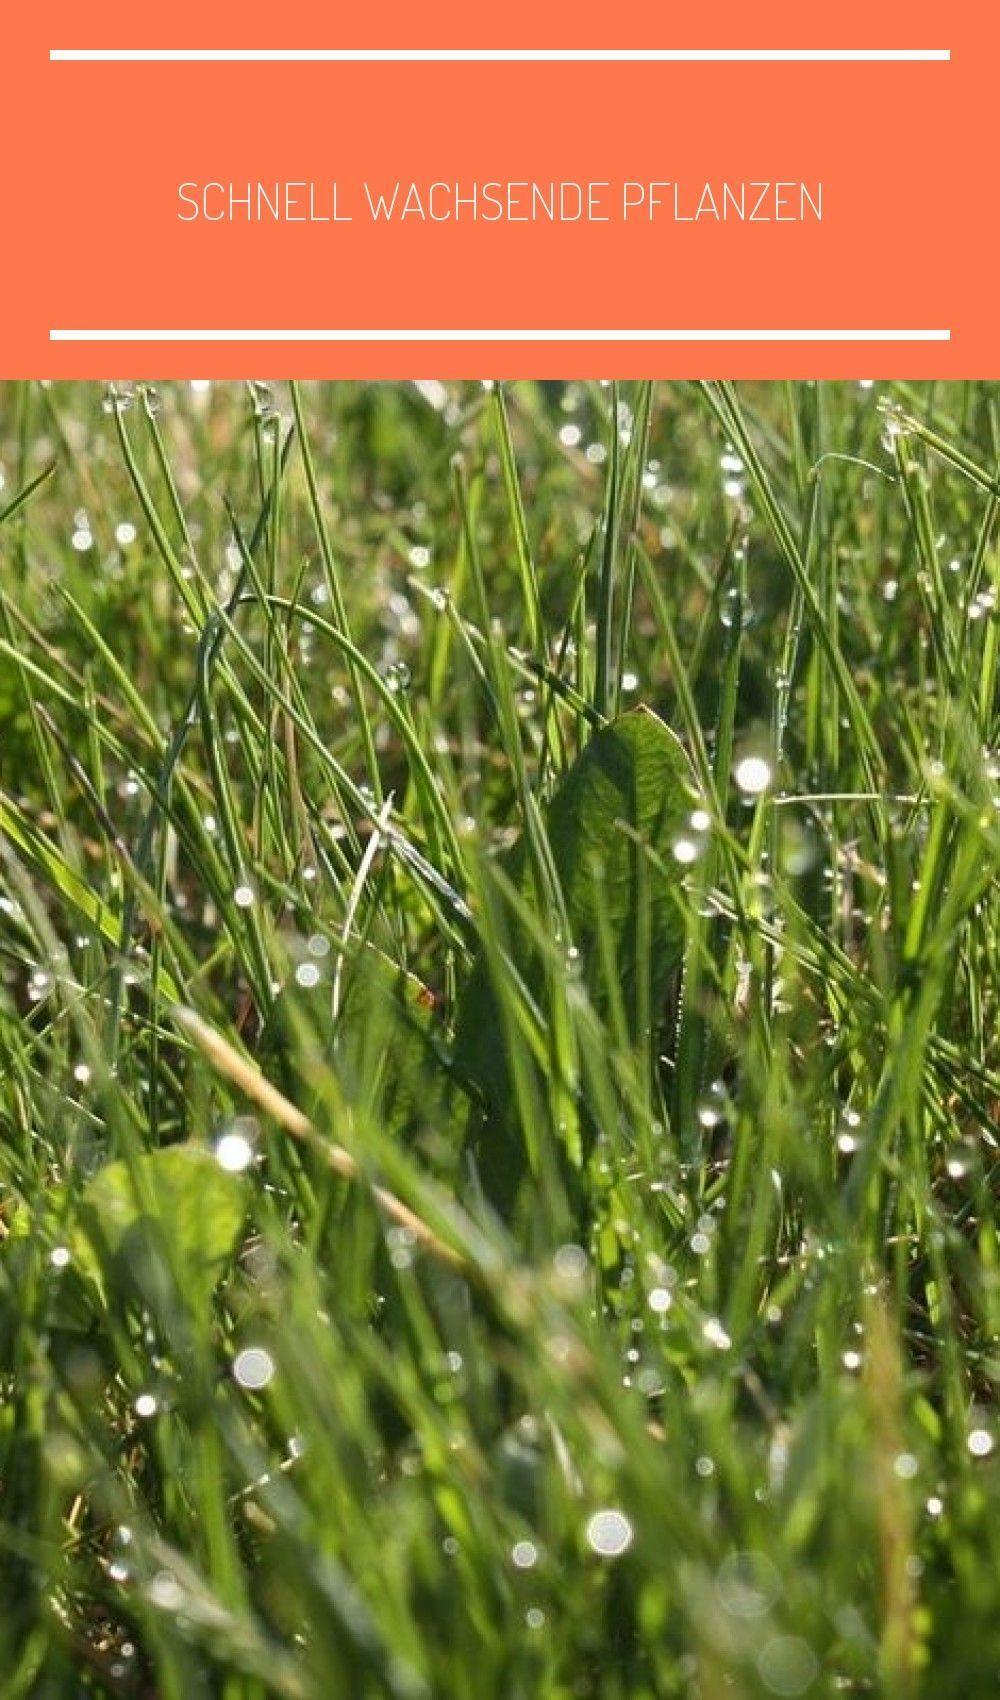 Full Size of Pflanzen Sichtschutz Garten Im Mit Schnell Wachsenden Kräutergarten Küche Bewässerungssysteme Test Relaxsessel Aldi Led Spot Jacuzzi Whirlpool Aufblasbar Wohnzimmer Pflanzen Sichtschutz Garten